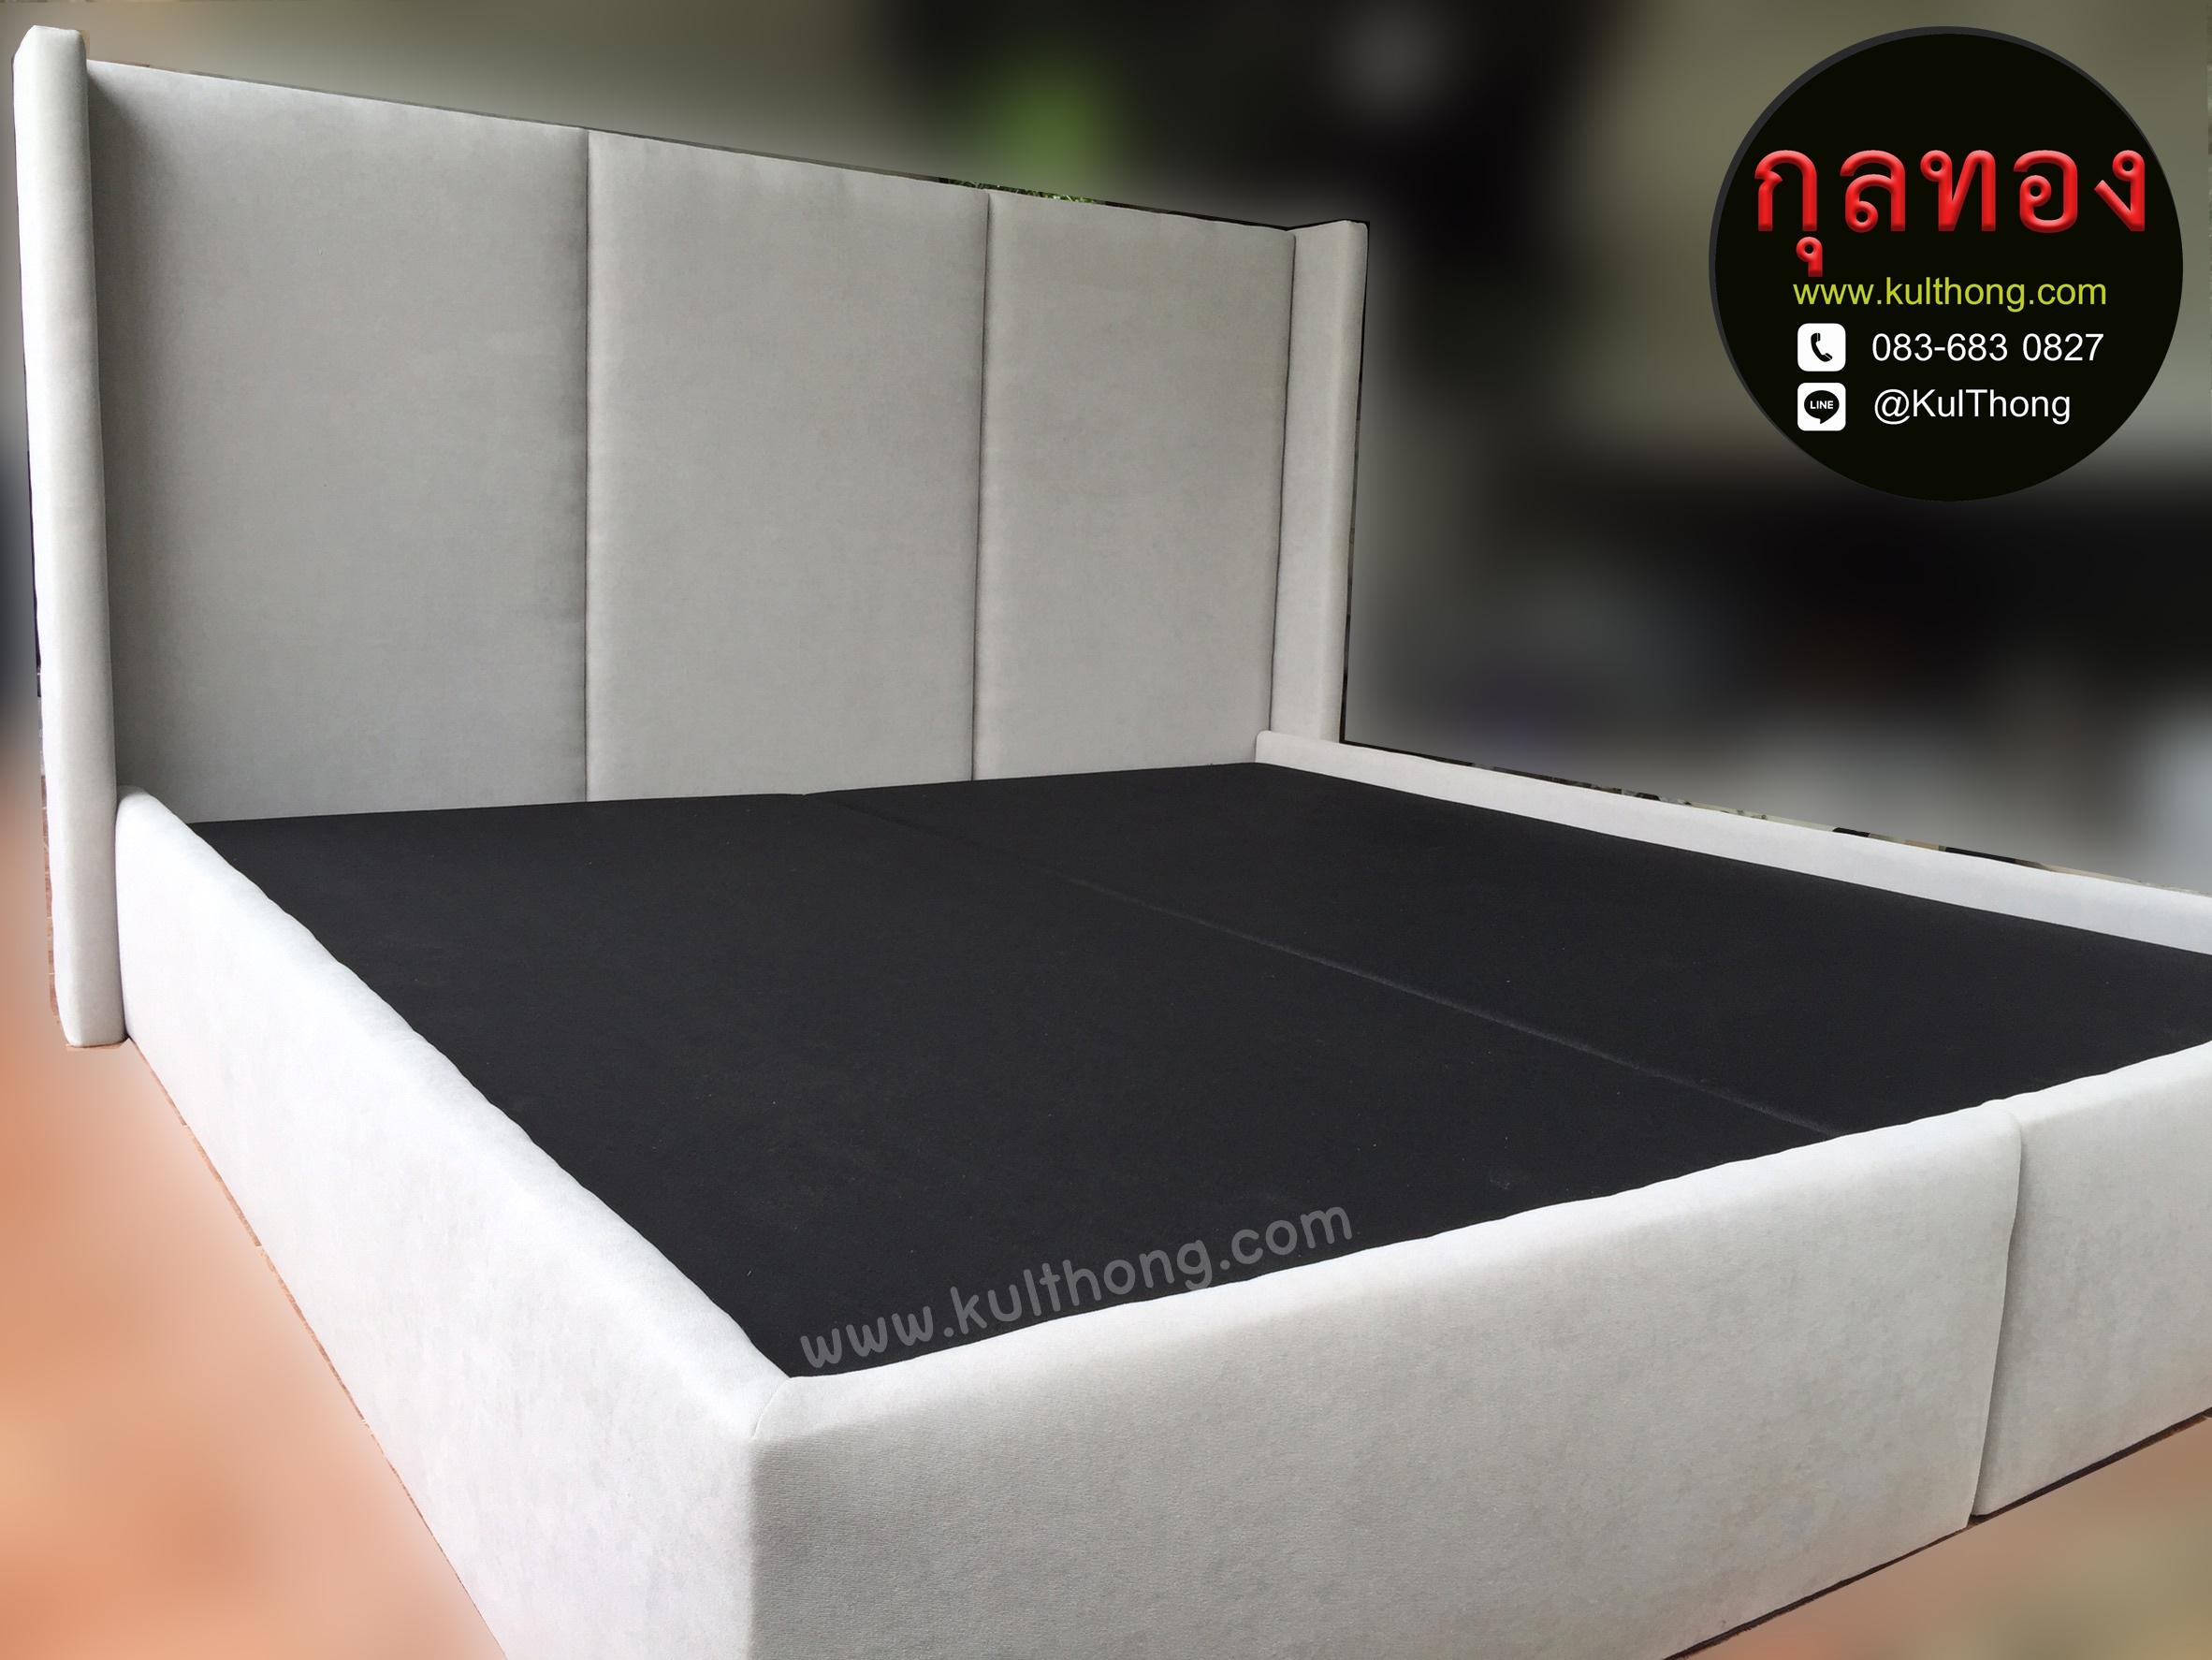 ฐานเตียงแบบมีหัวเตียง หัวเตียงมีปีก ปีกหัวเตียง เตียงดีไซน์